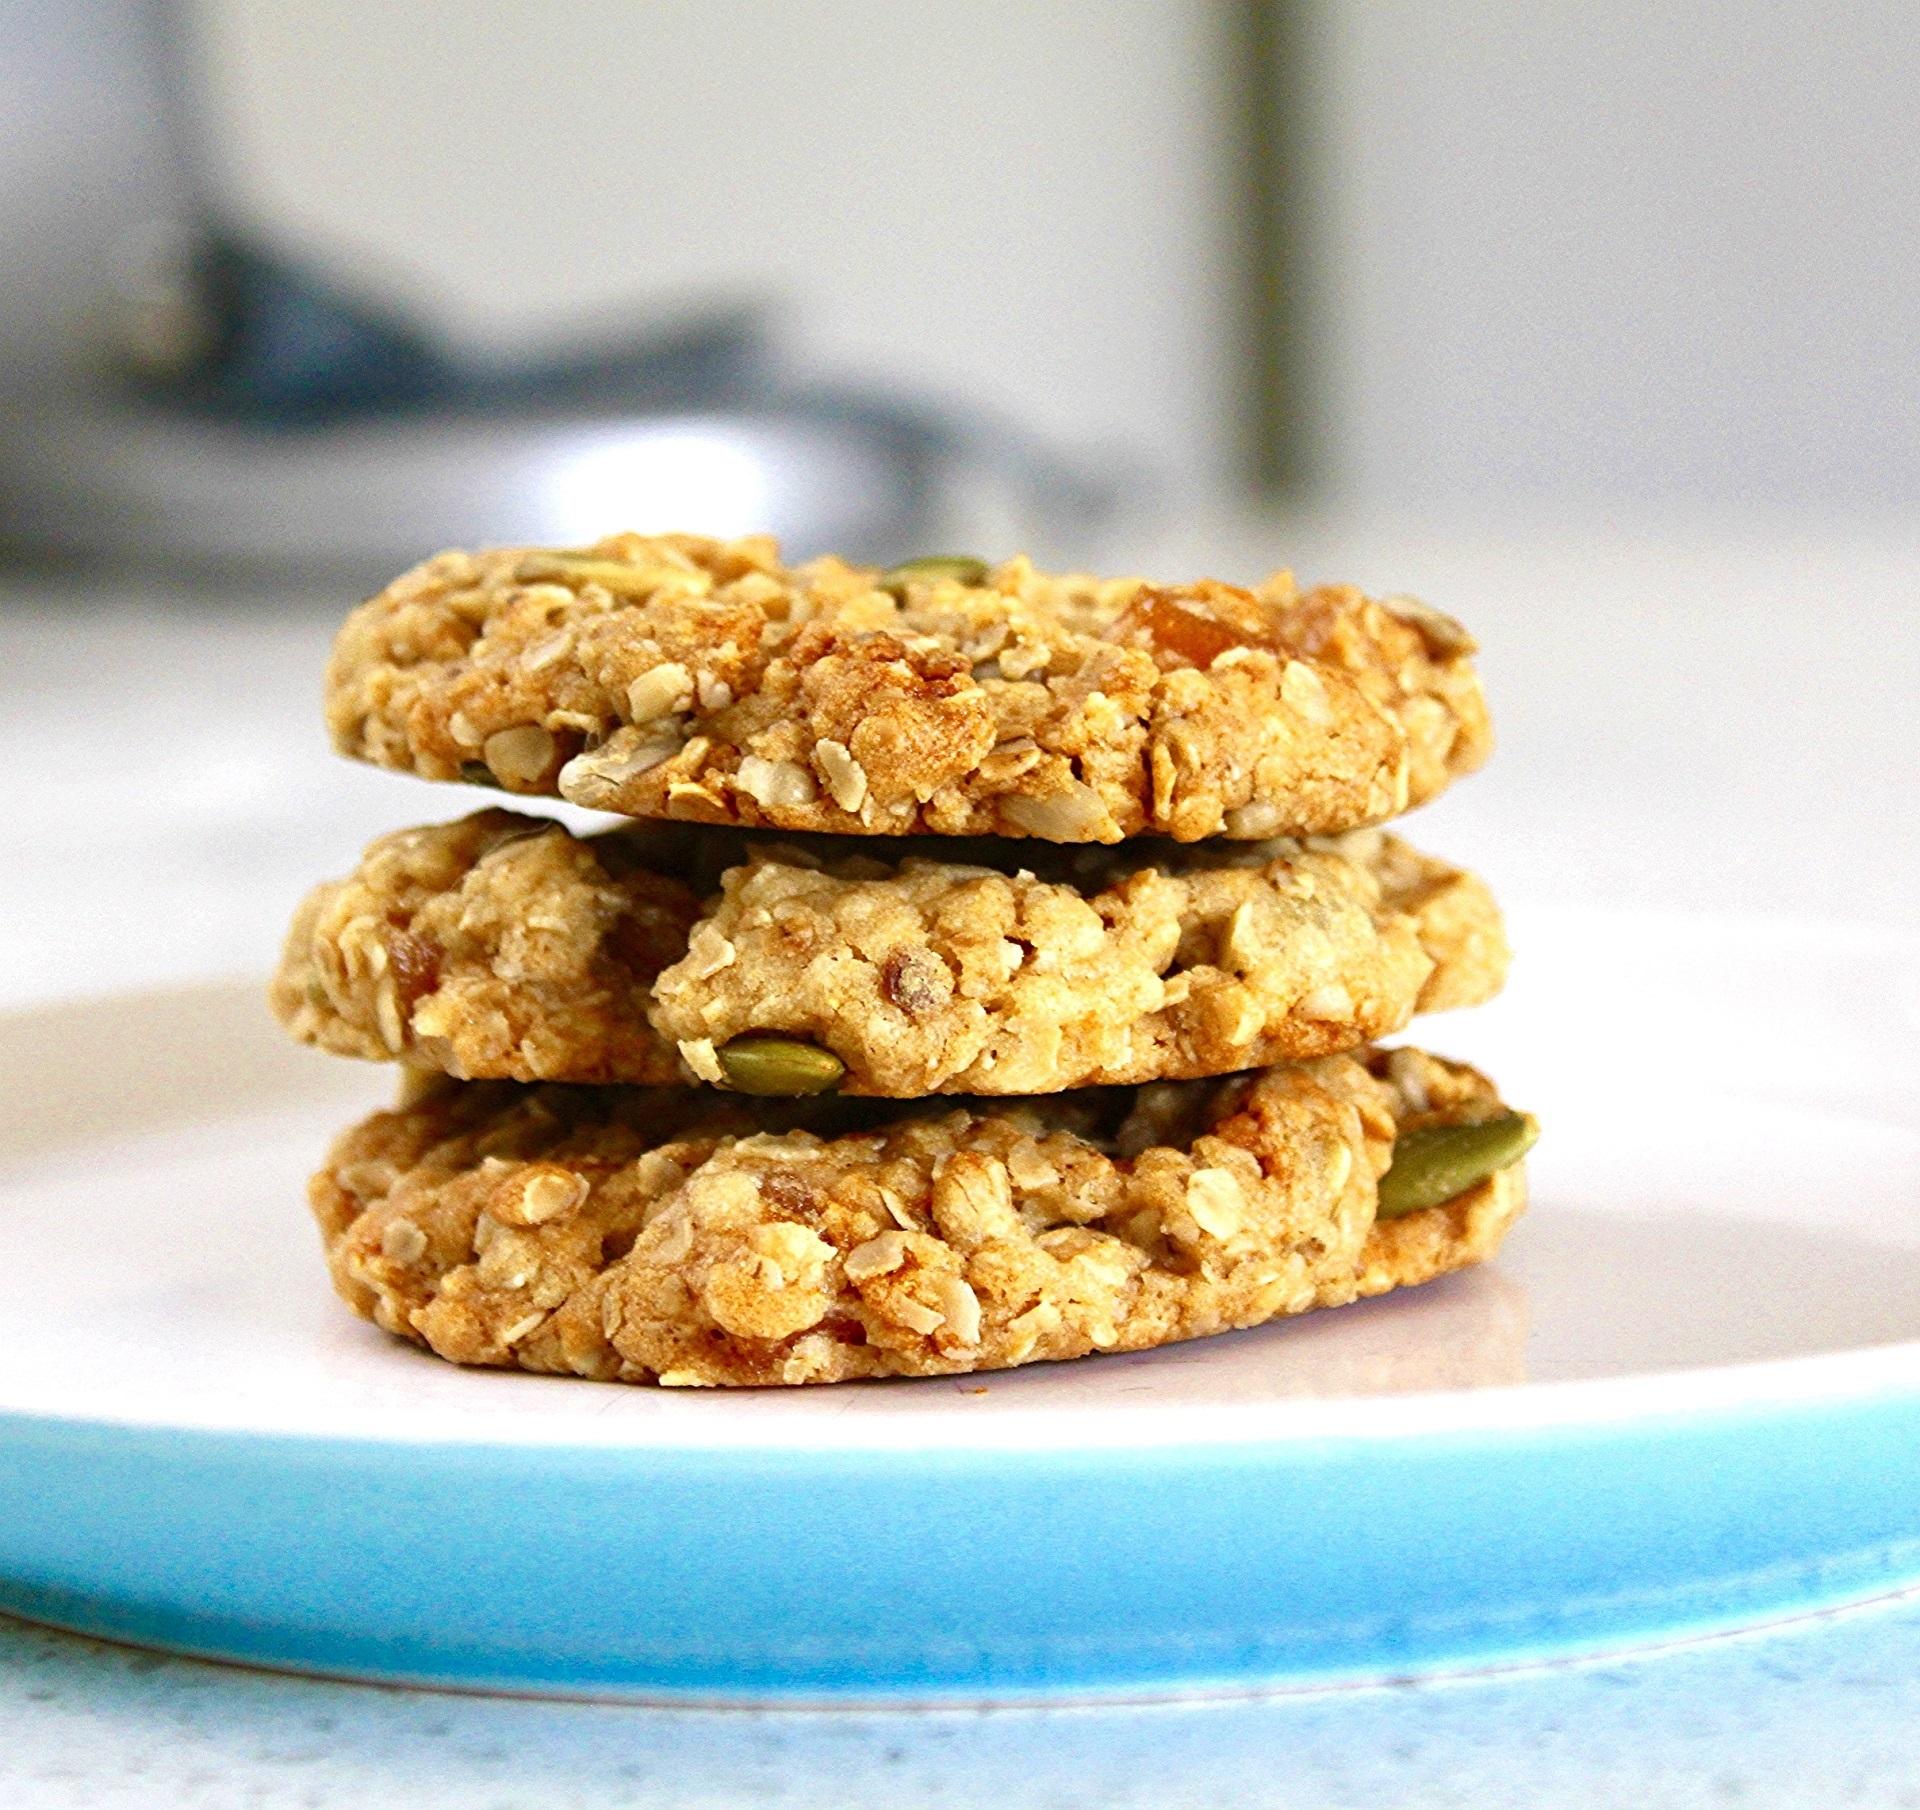 последствии можно овсяное печенье на завтрак рецепт с фото кто она просто